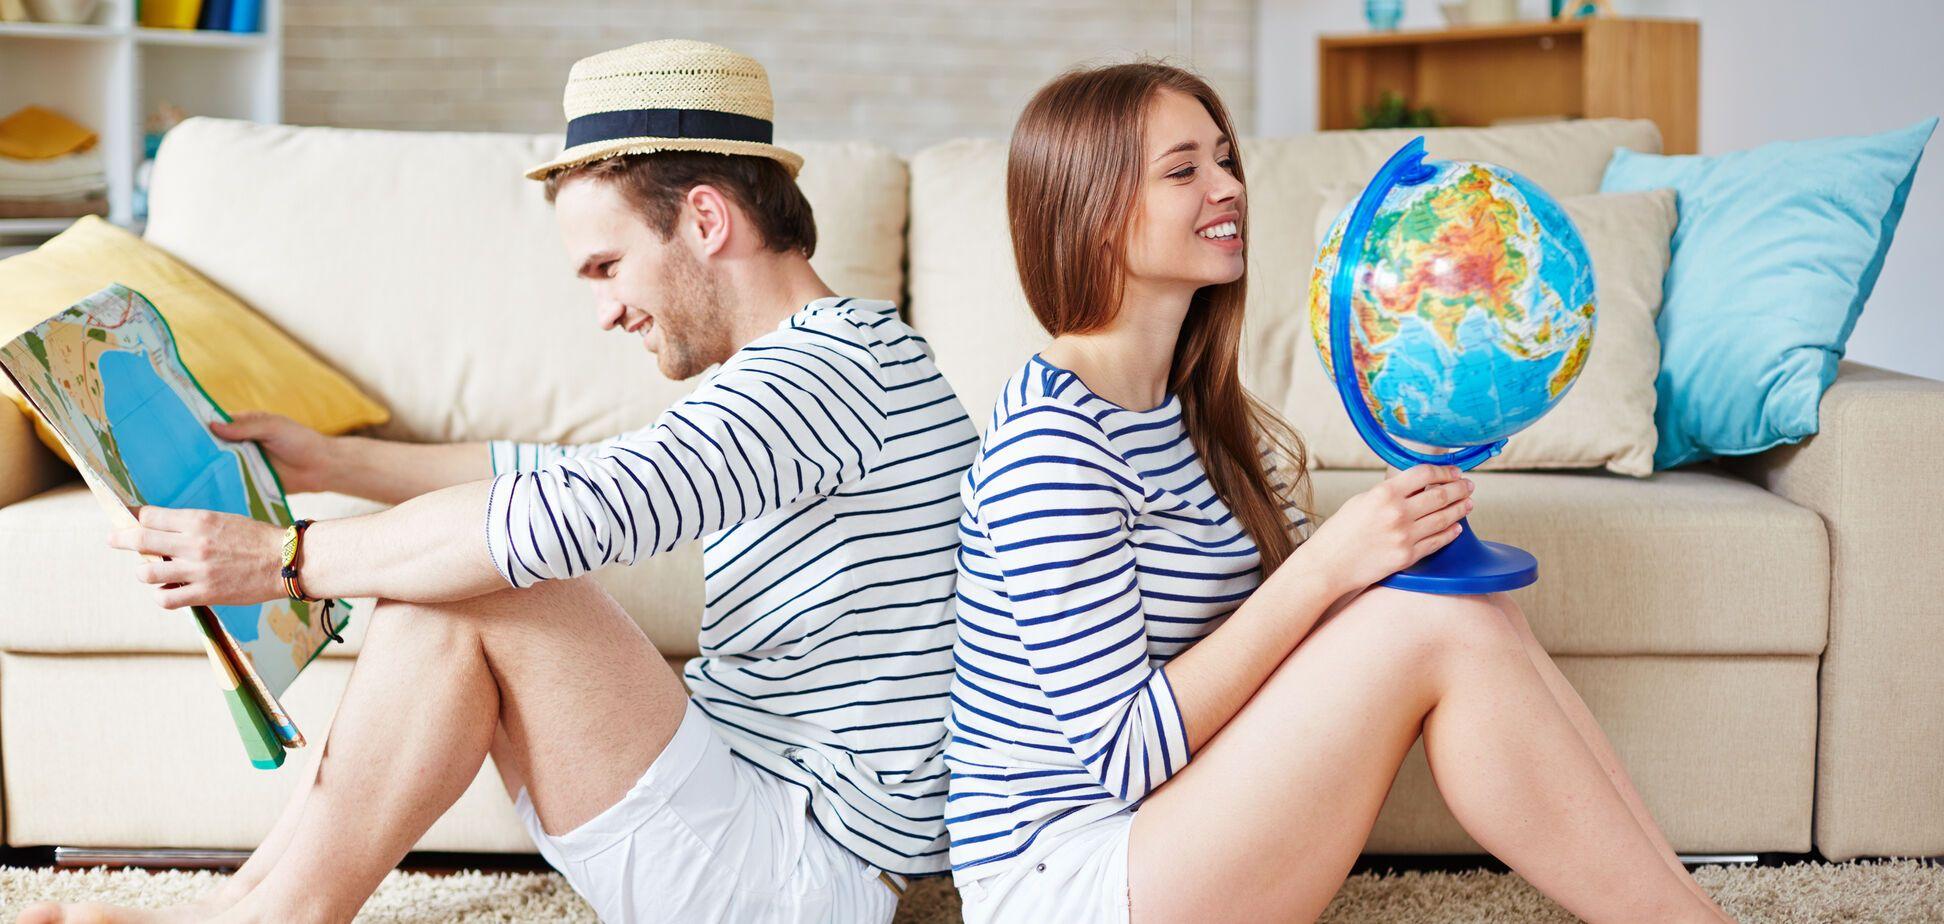 Самые романтичные места в мире, которые мечтает посетить каждая девушка